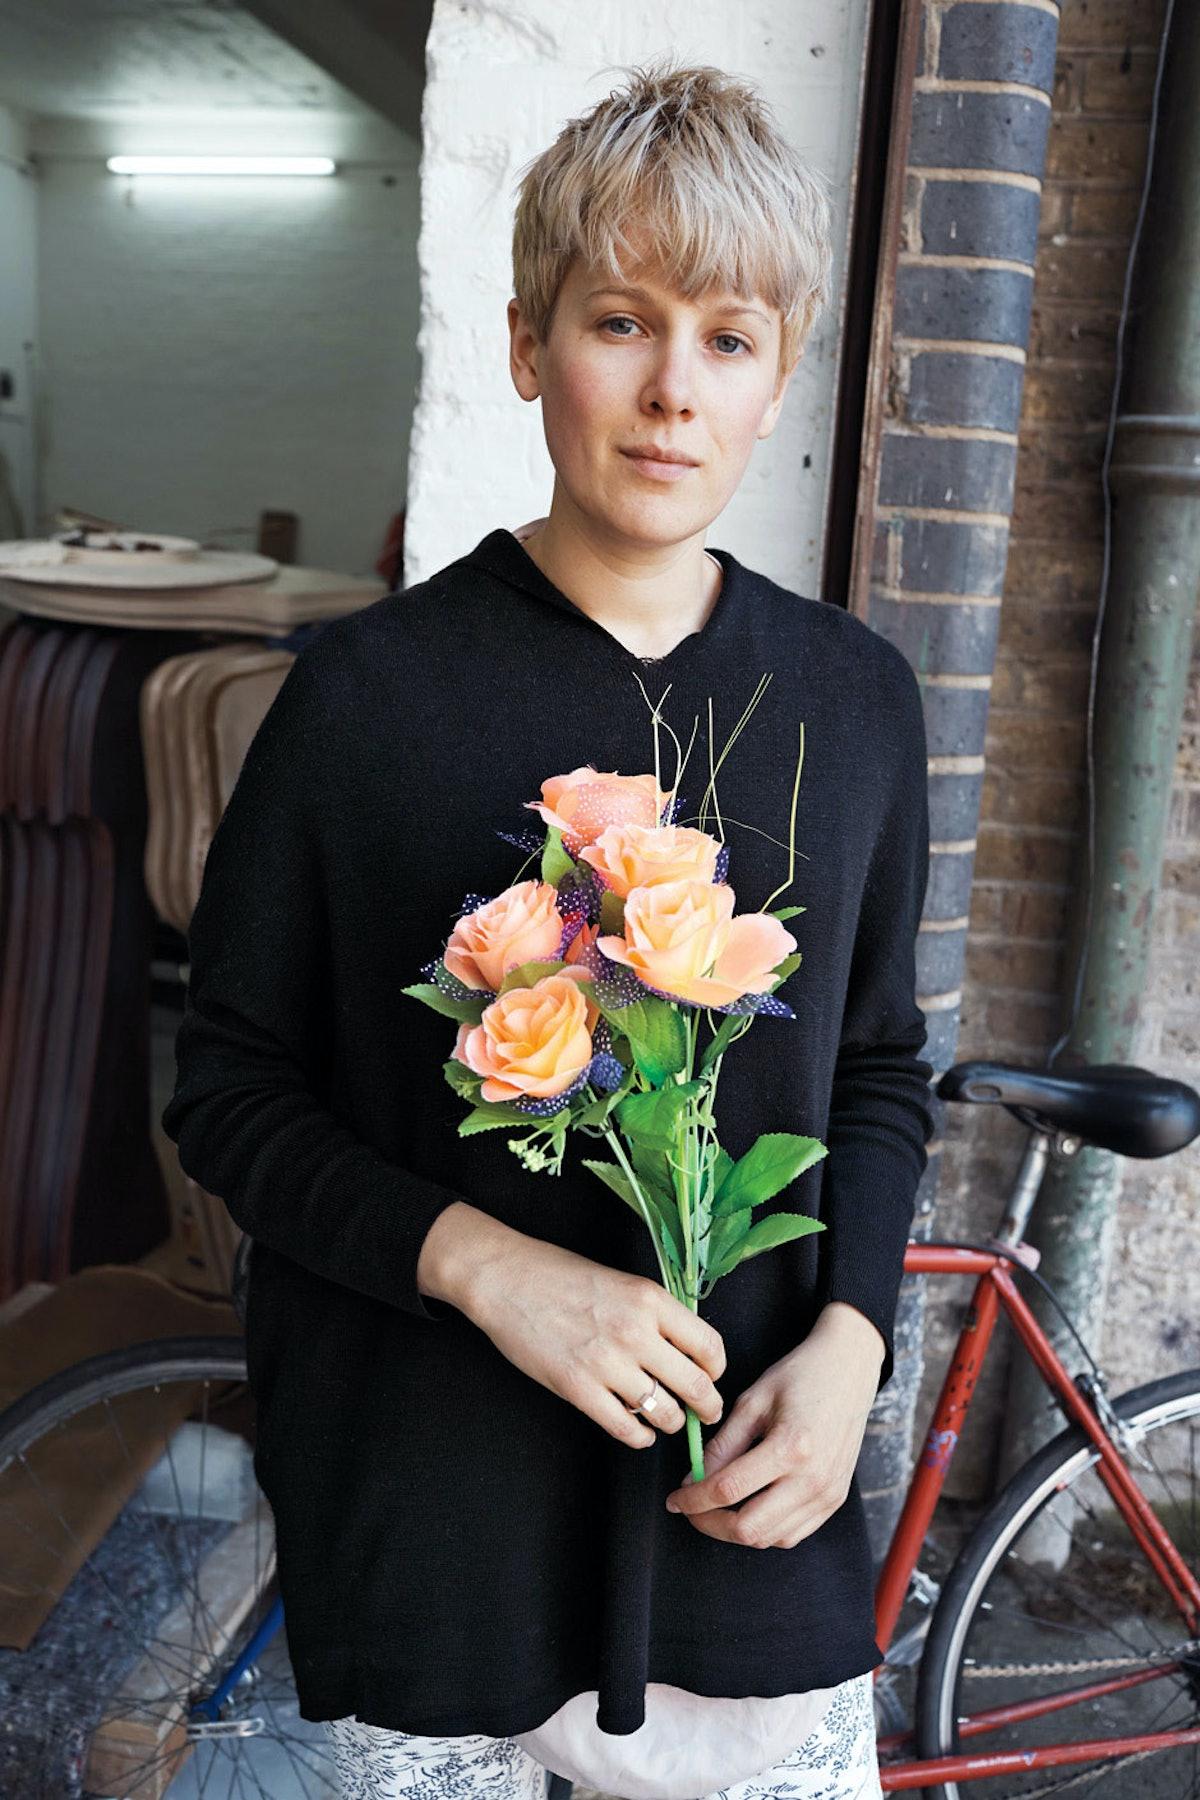 artist Helen Marten